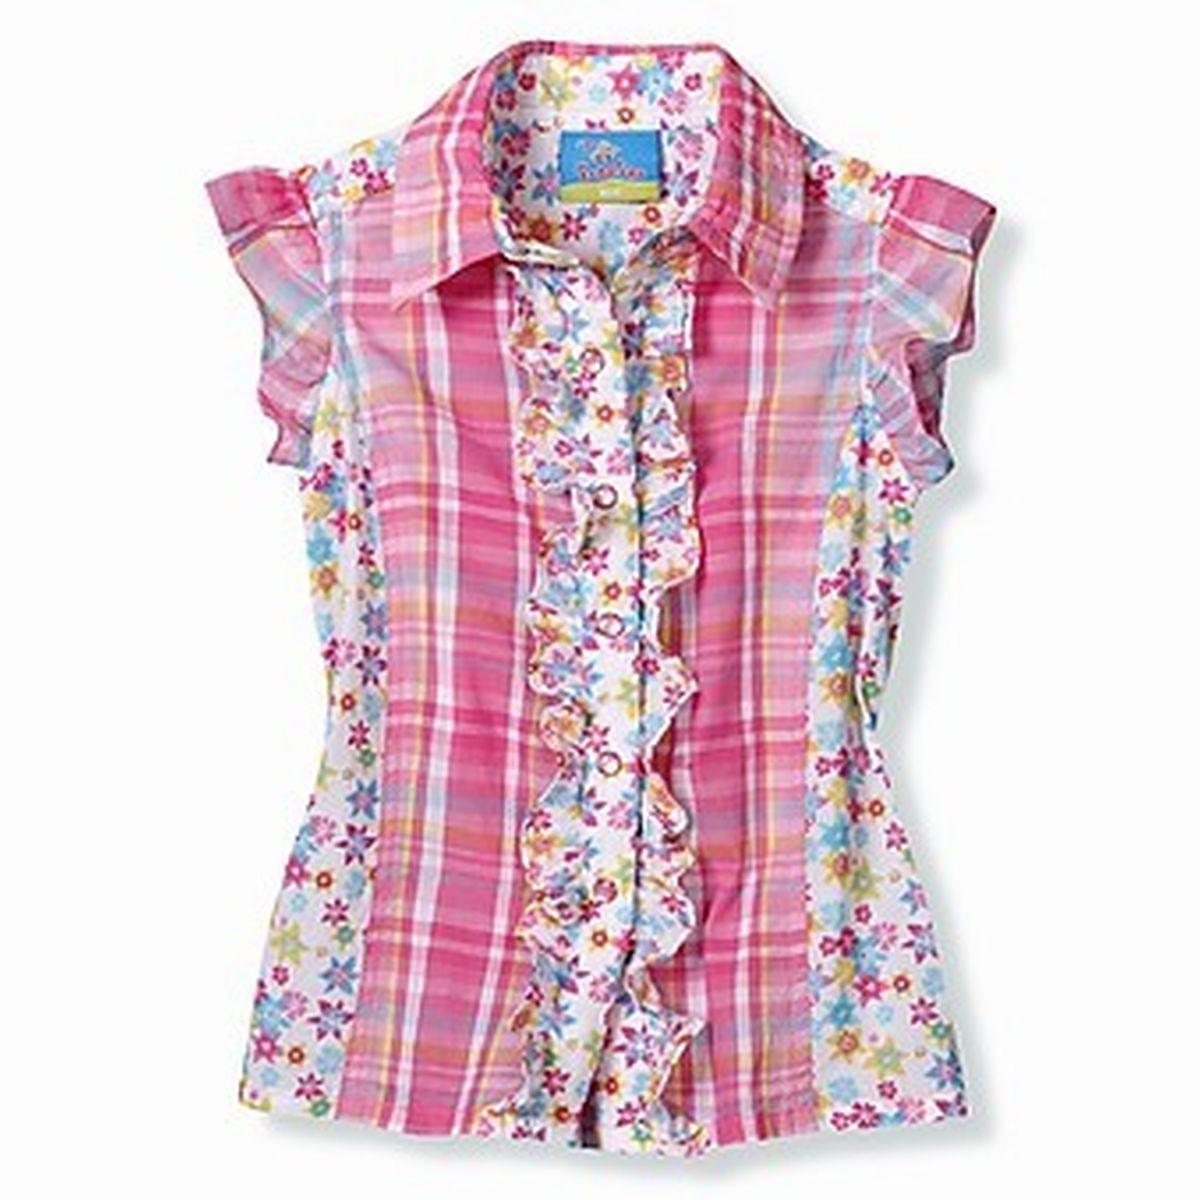 Детские Блузки Выкройки Для Девочки В Школу